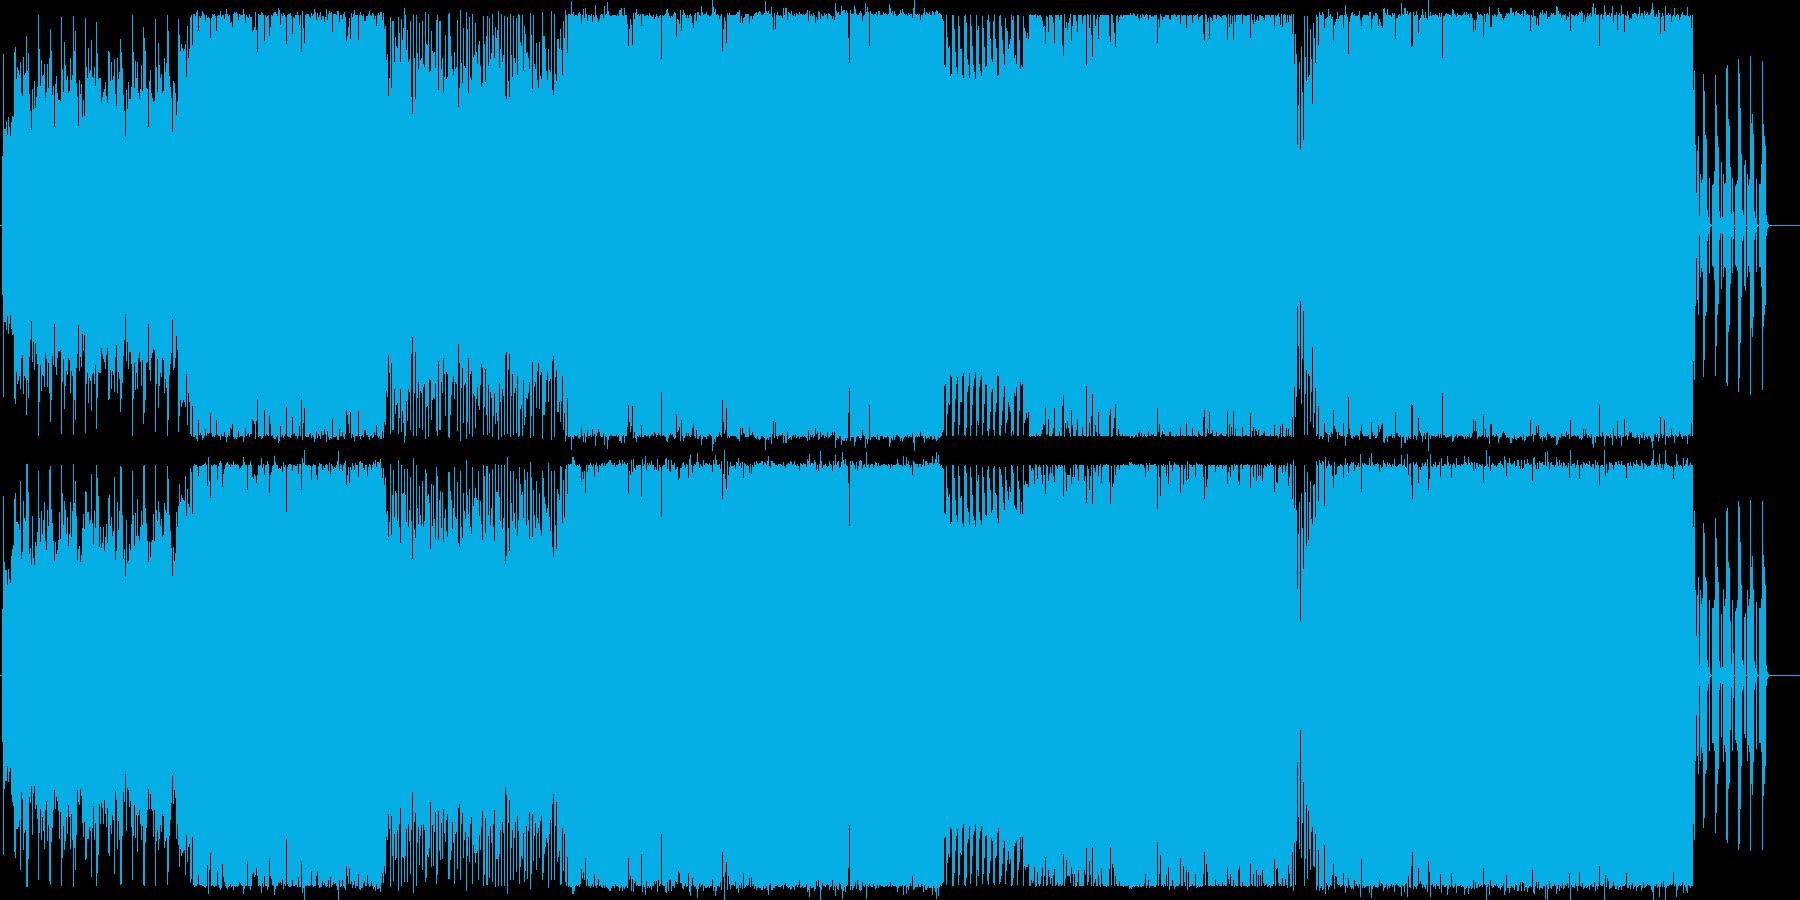 ネジが外れたような狂気を感じるBGMの再生済みの波形